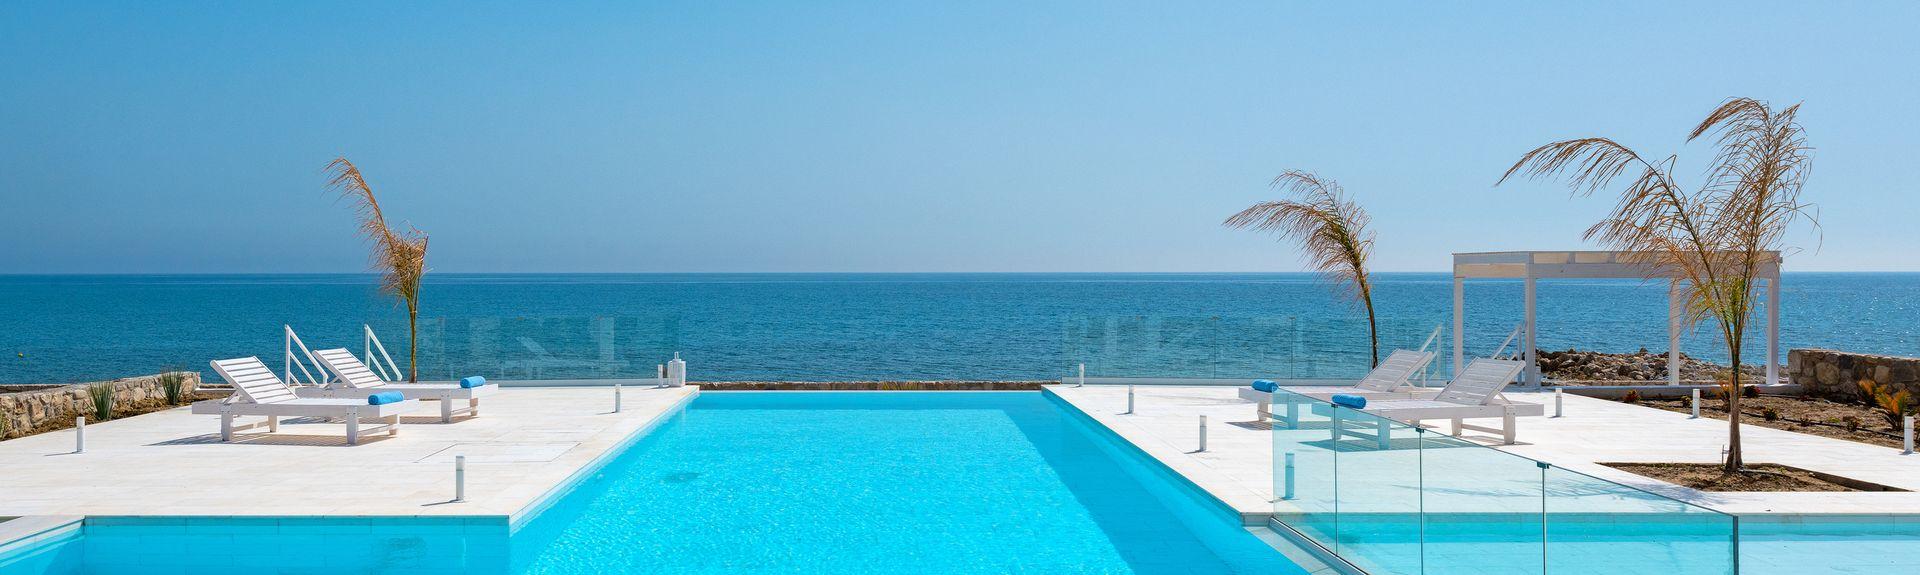 Παστίδα, Νησιά του Αιγαίου, Ελλάδα